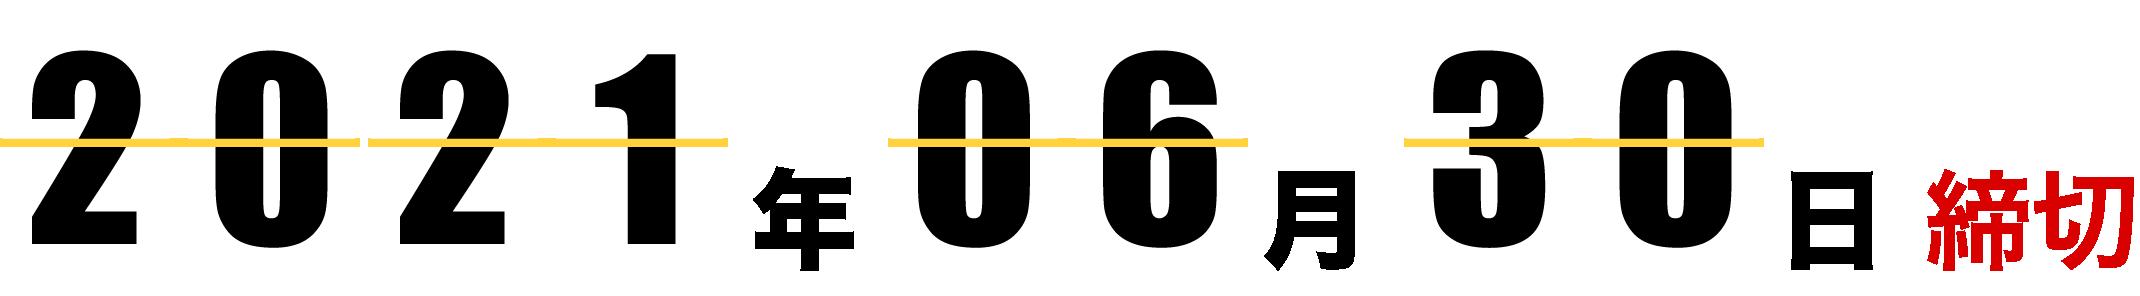 2021年06月30日締切(消印有効)